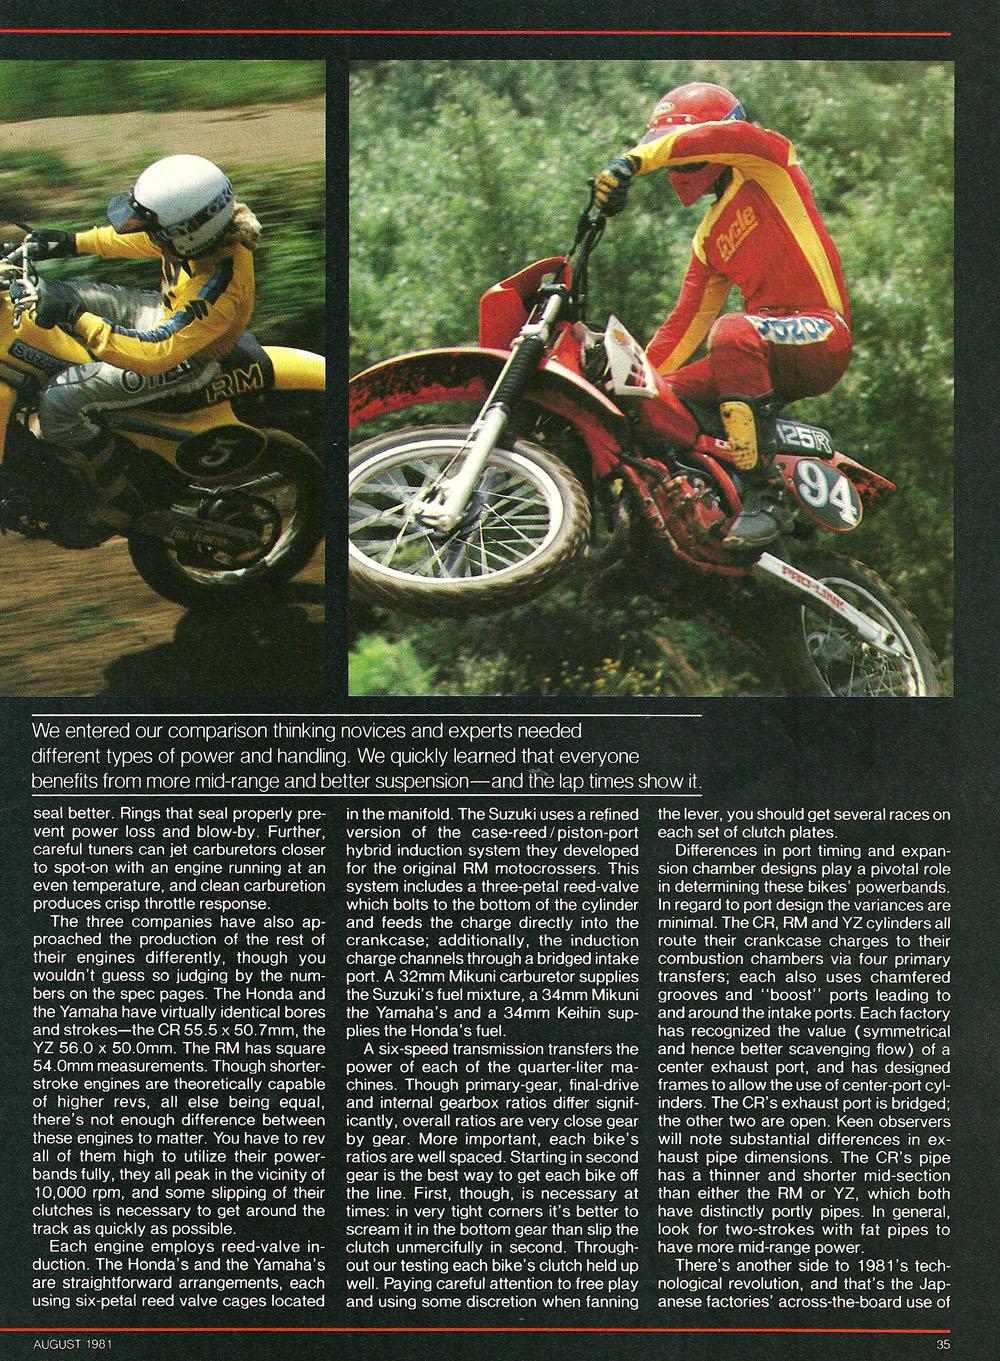 1981 CR125 RM125 YZ125 test 03.jpg